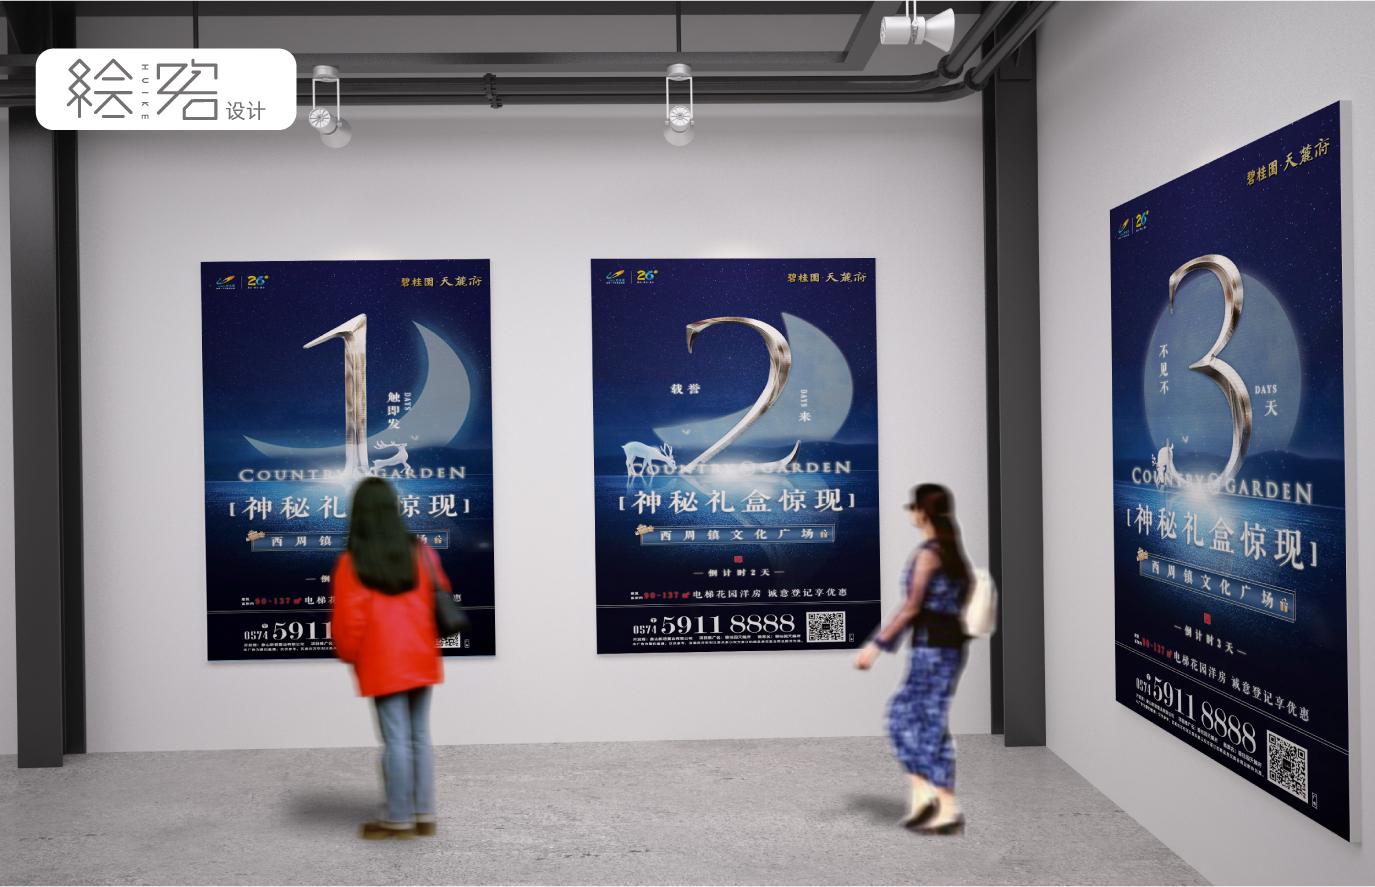 绘客射灯霓虹灯单立柱大型灯箱墙面广告牌三面翻户外广告设计